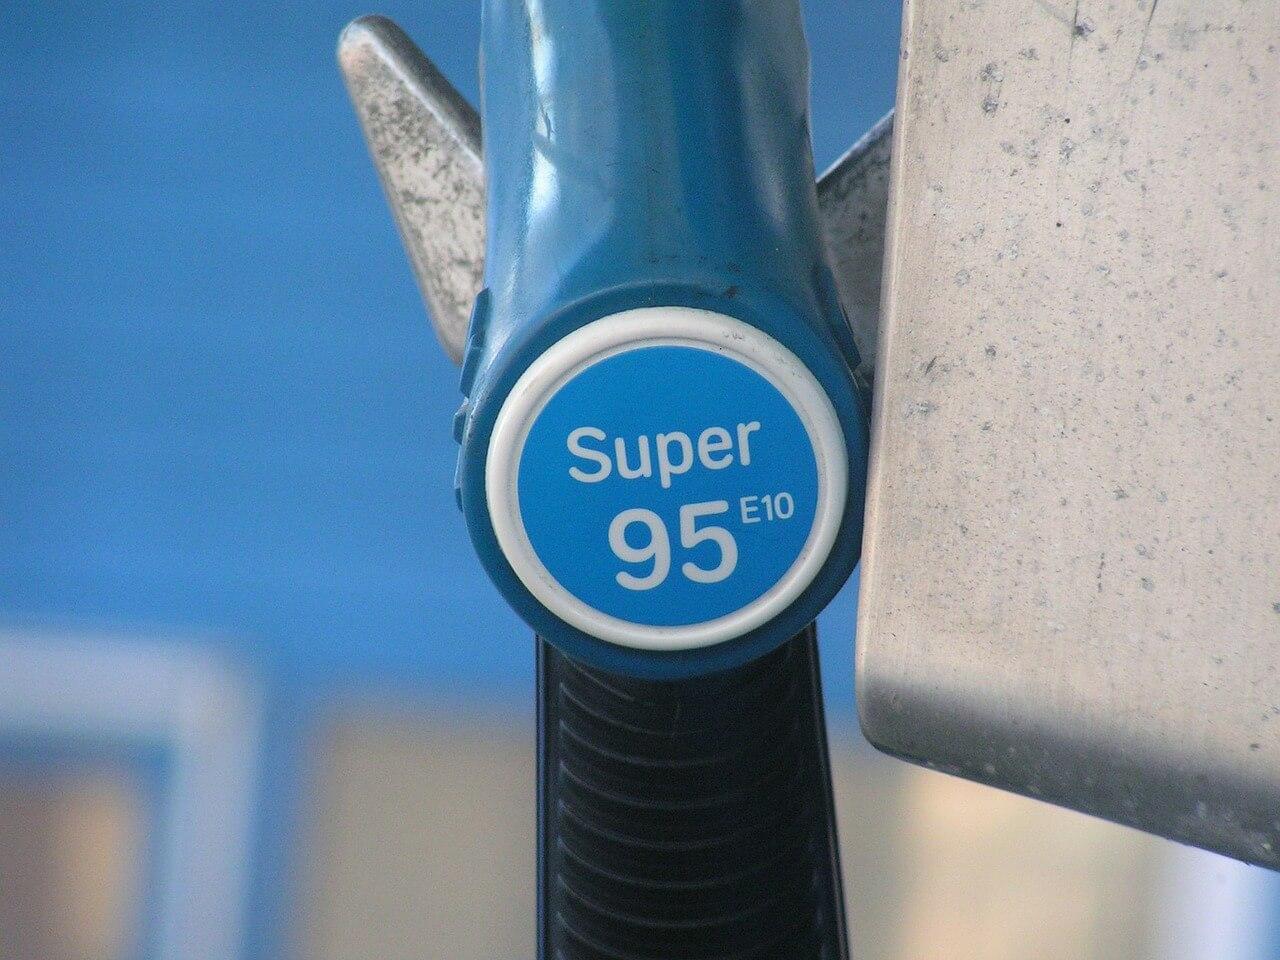 E10 95 fuel pump